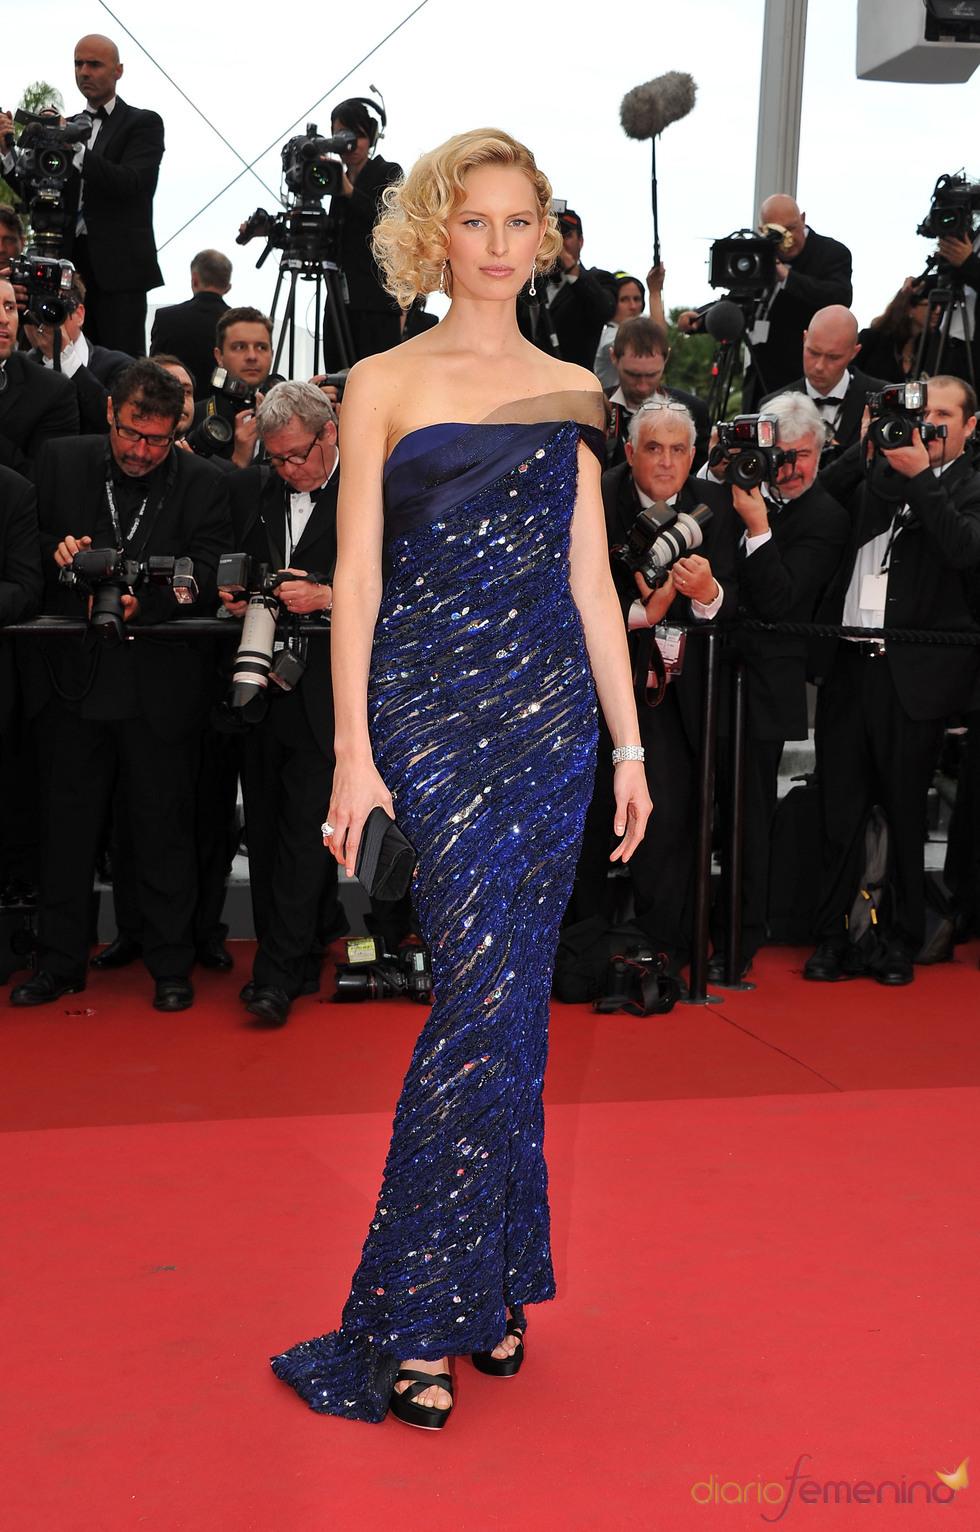 Karolina Kurkova posa en la alfombra roja del Festival del Cine de Cannes 2011